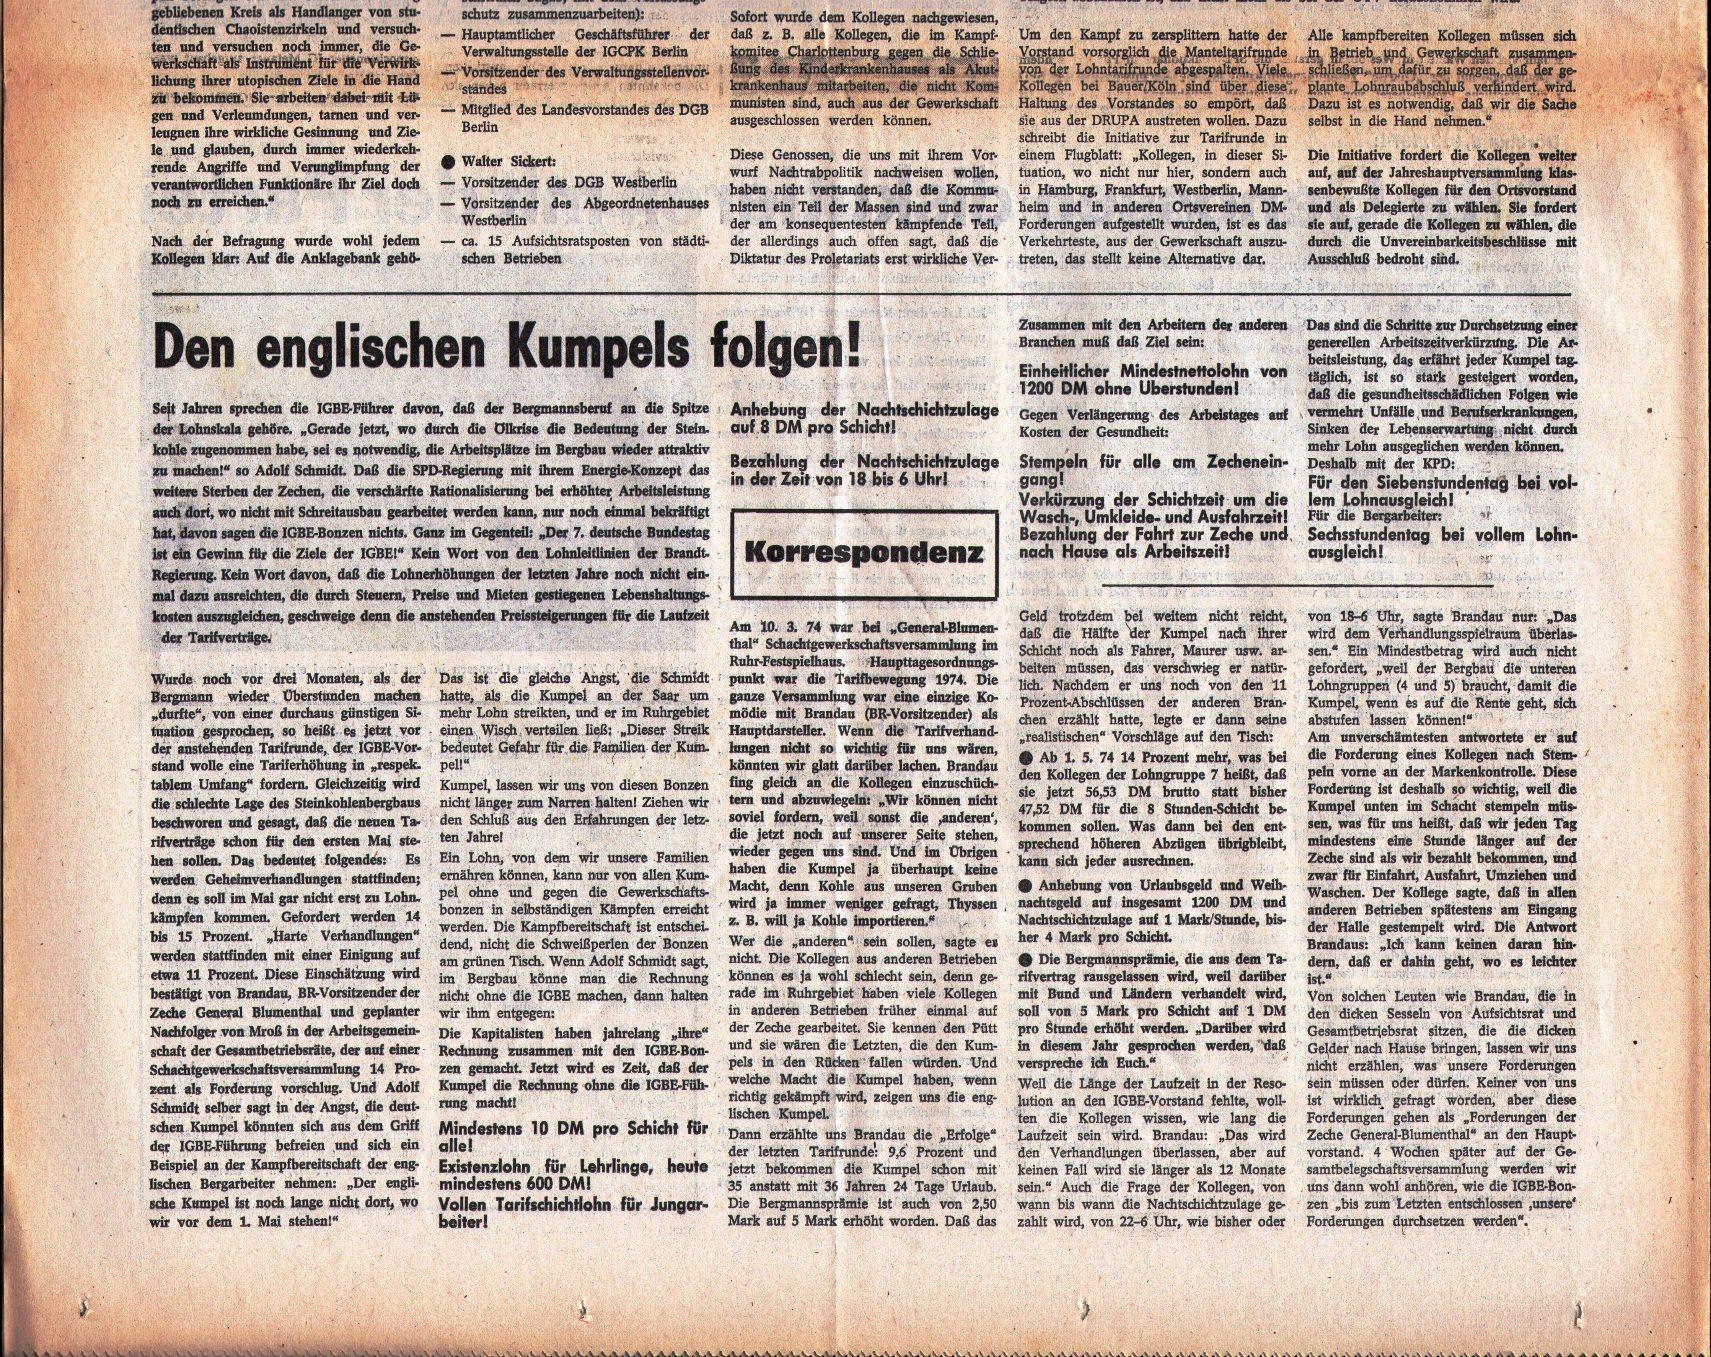 KPD_Rote_Fahne_1974_11_08